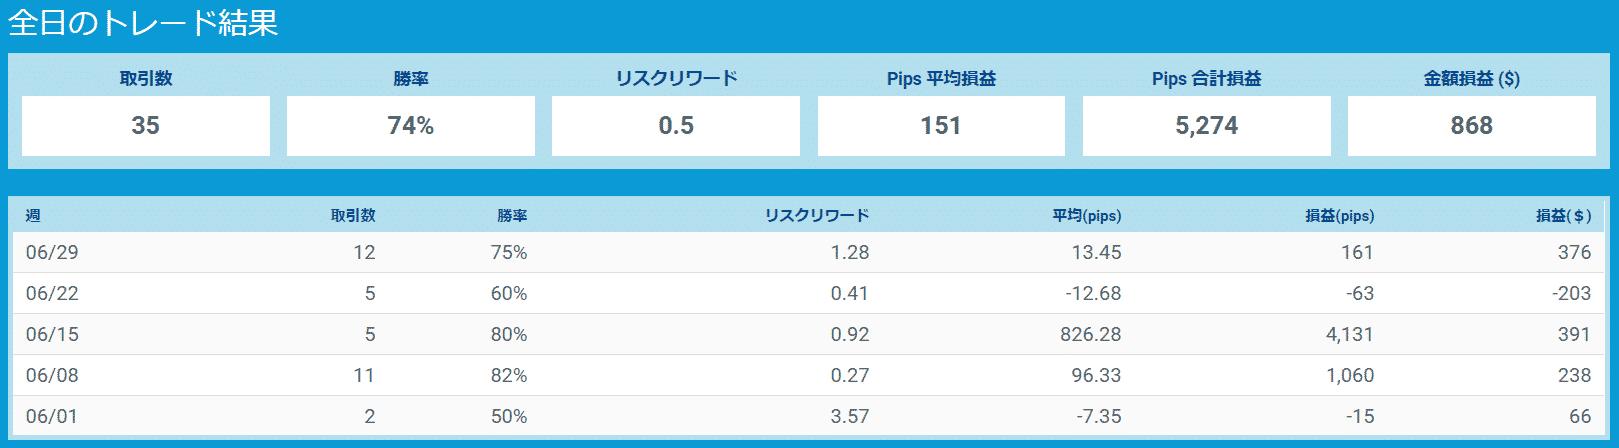 プロップトレーダーチャート1